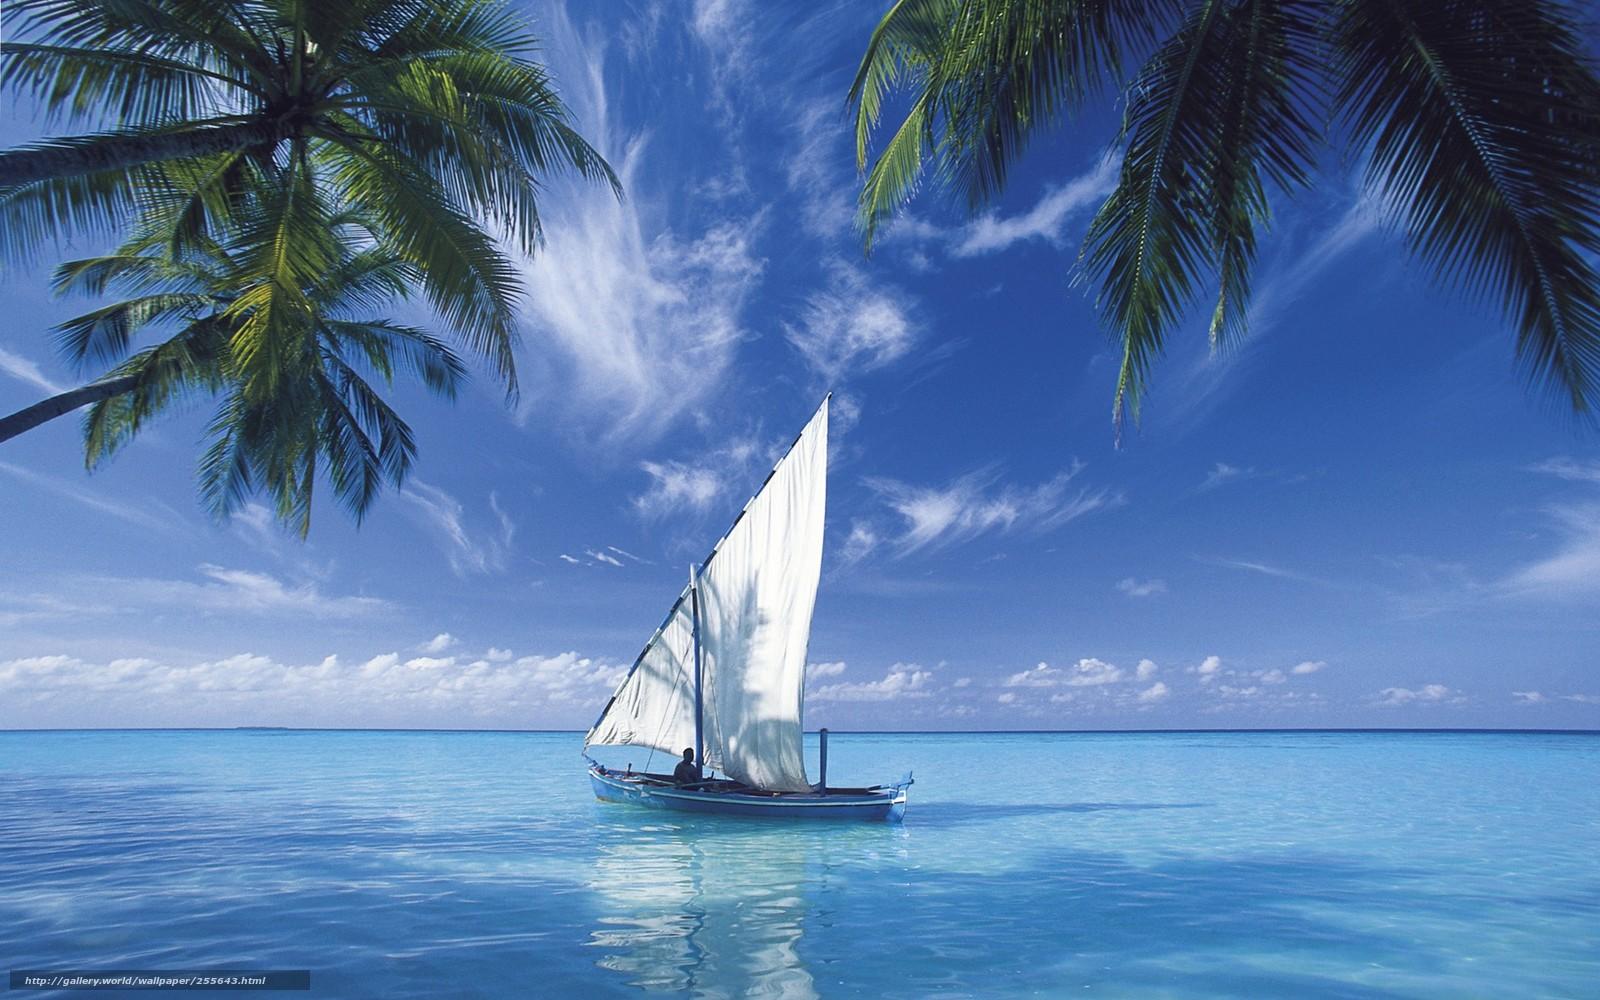 пейзажи, море, океан, красиво